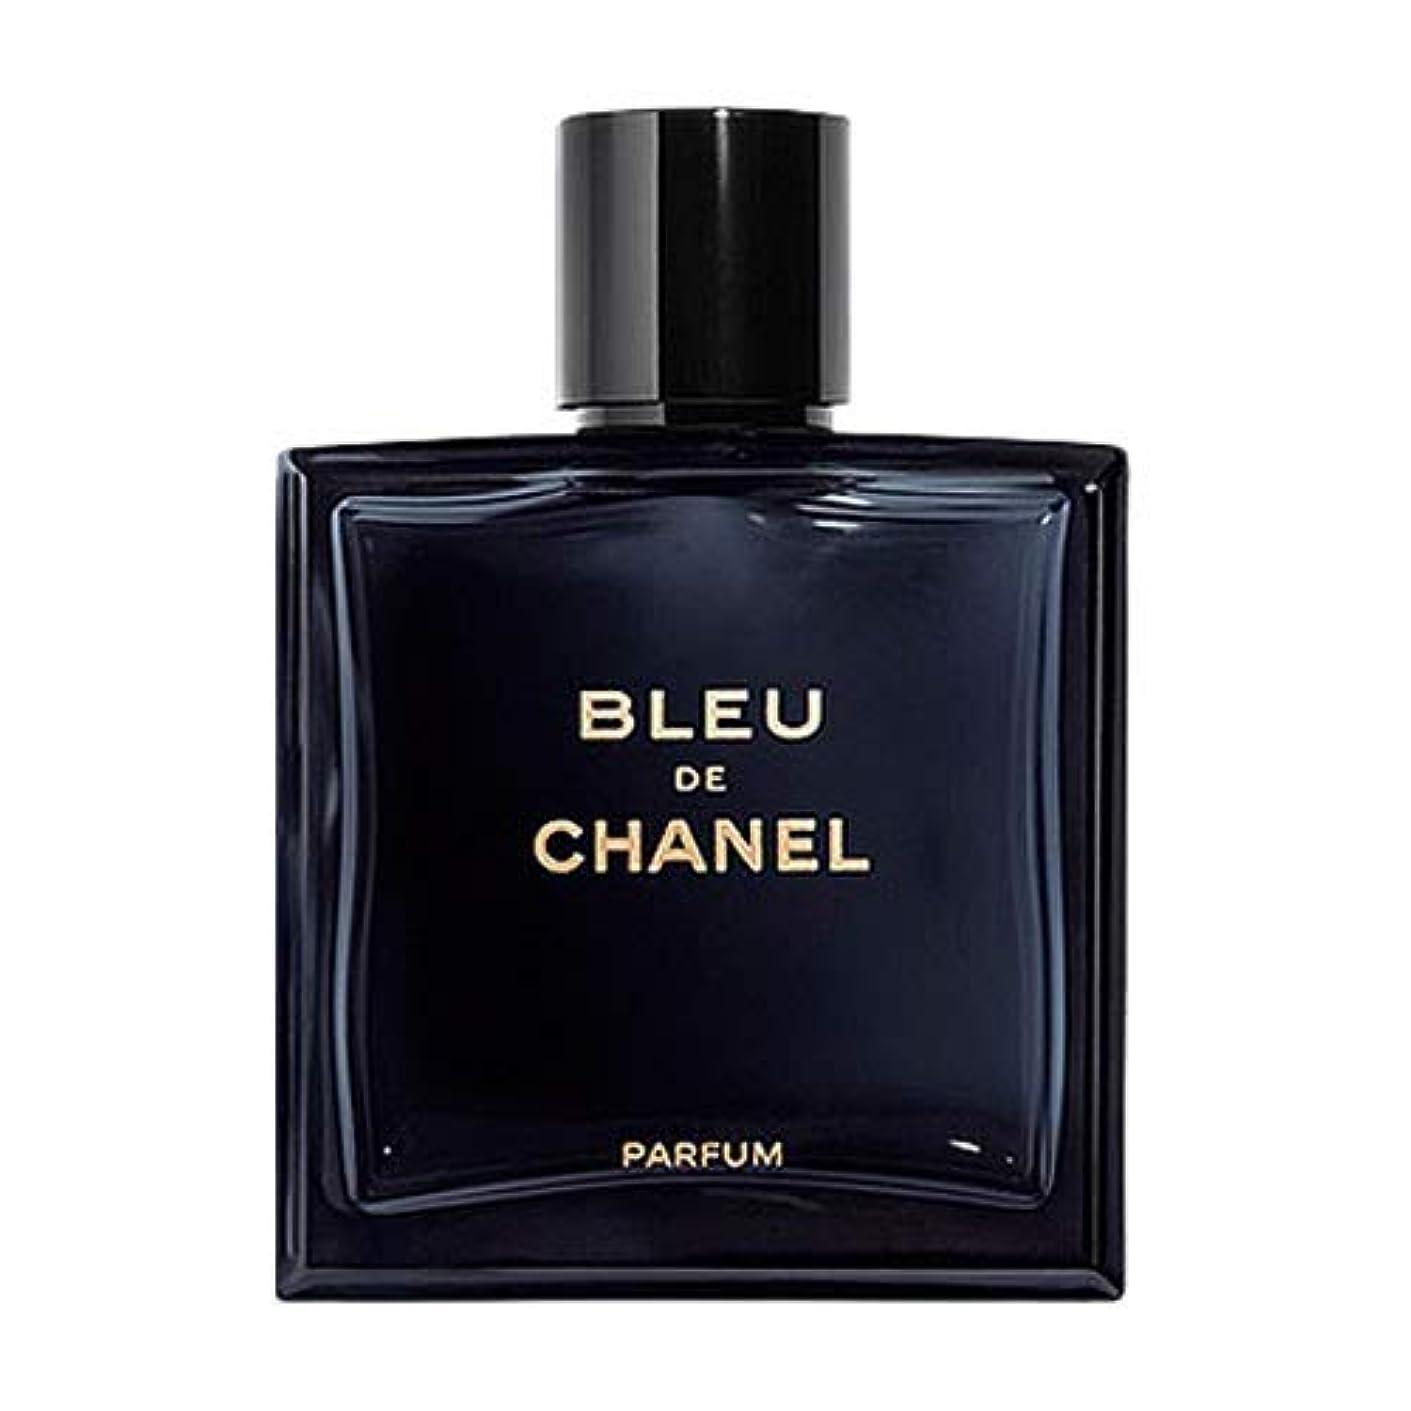 先に始める品揃えシャネル CHANEL ブルー ドゥ シャネル パルファム 〔Parfum〕 50ml Pfm SP fs